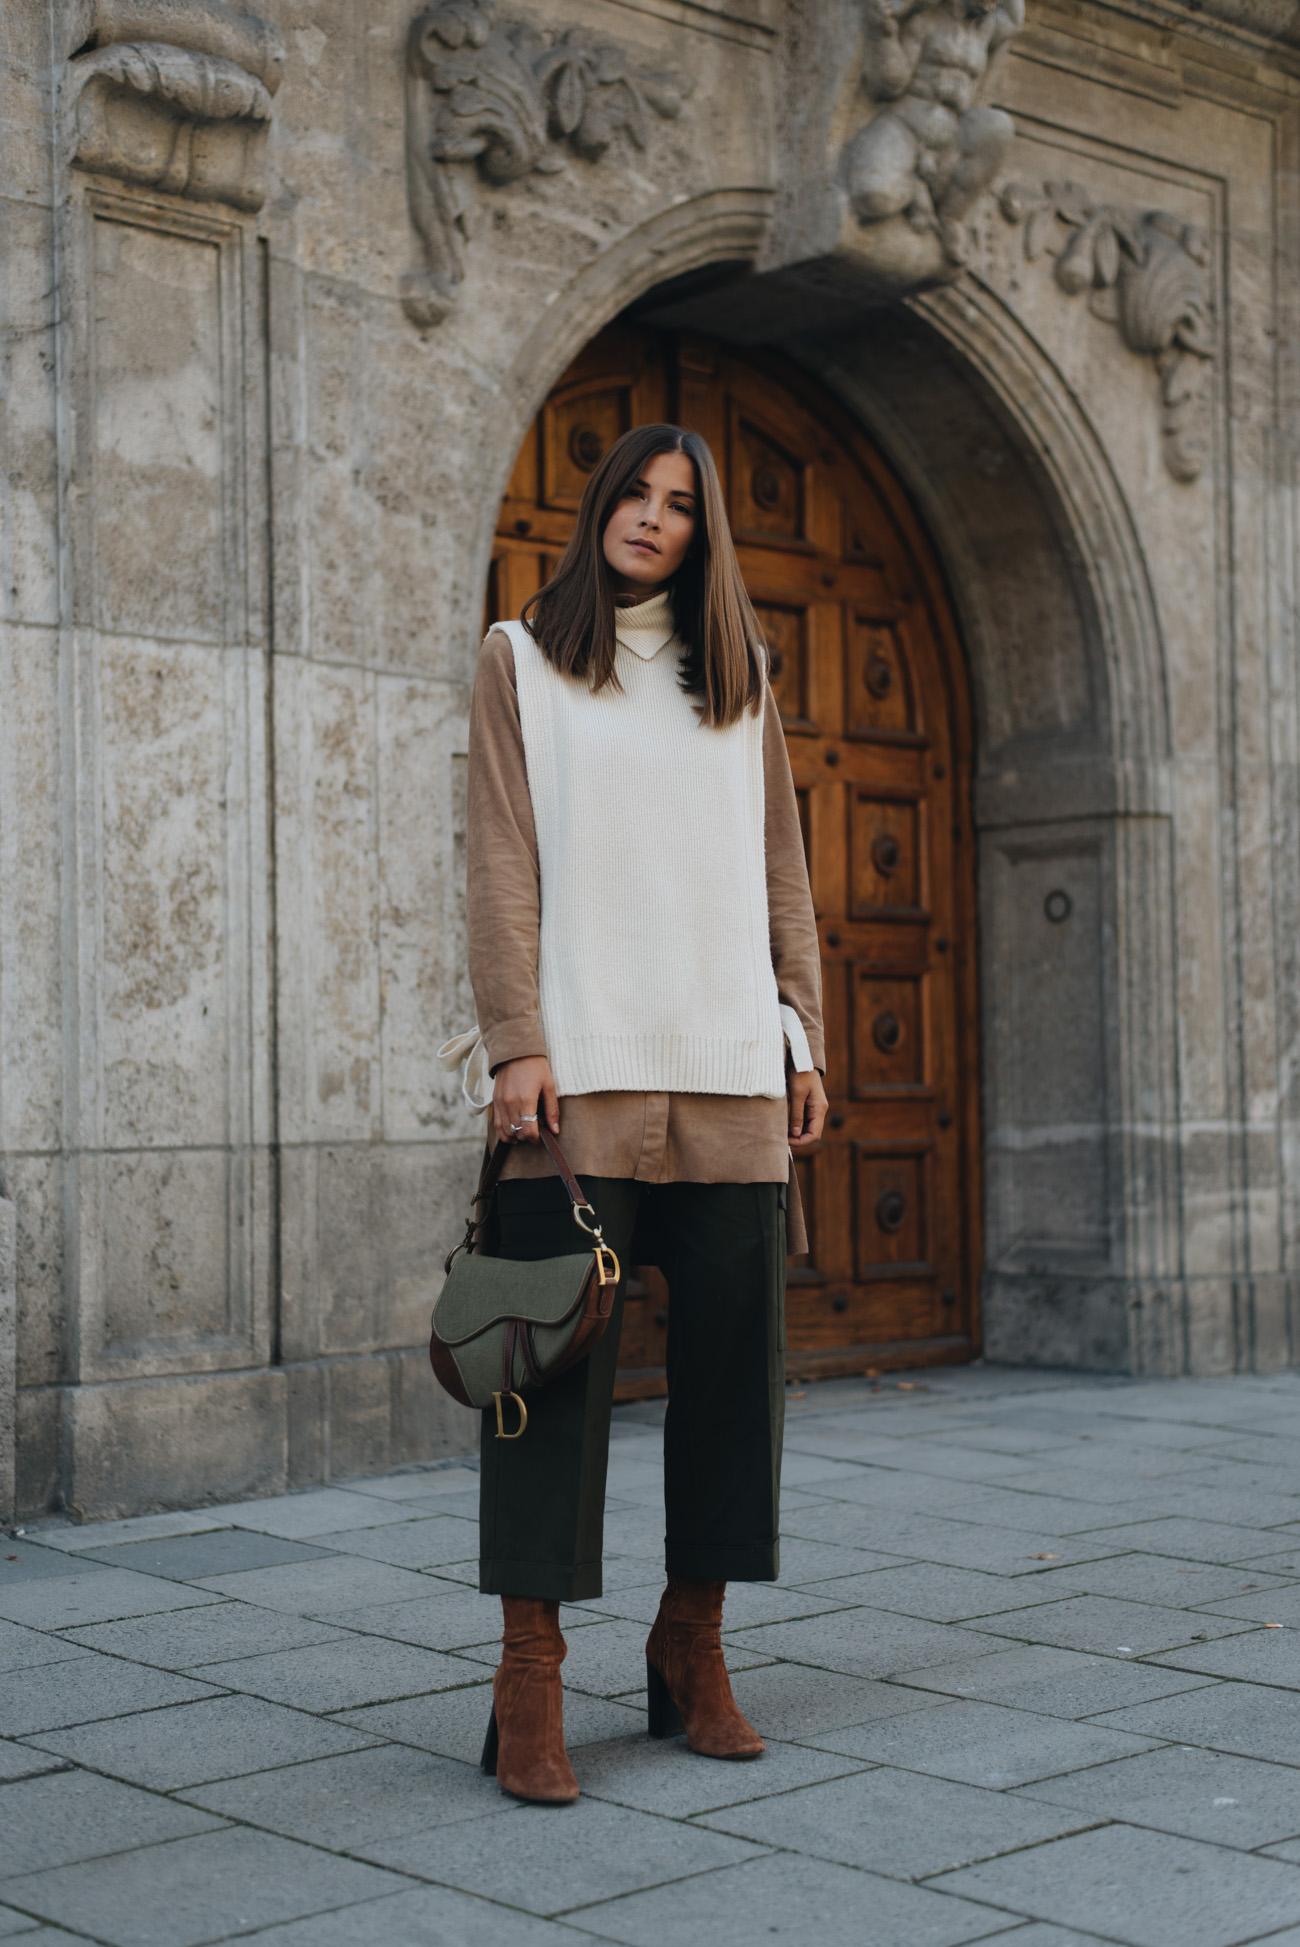 Dior-saddle-bag-vintage-second-hand-grün-braun-handtaschen-trends-2017-nina-schwichtenberg-fashiioncarpet-blogger-streetstyle